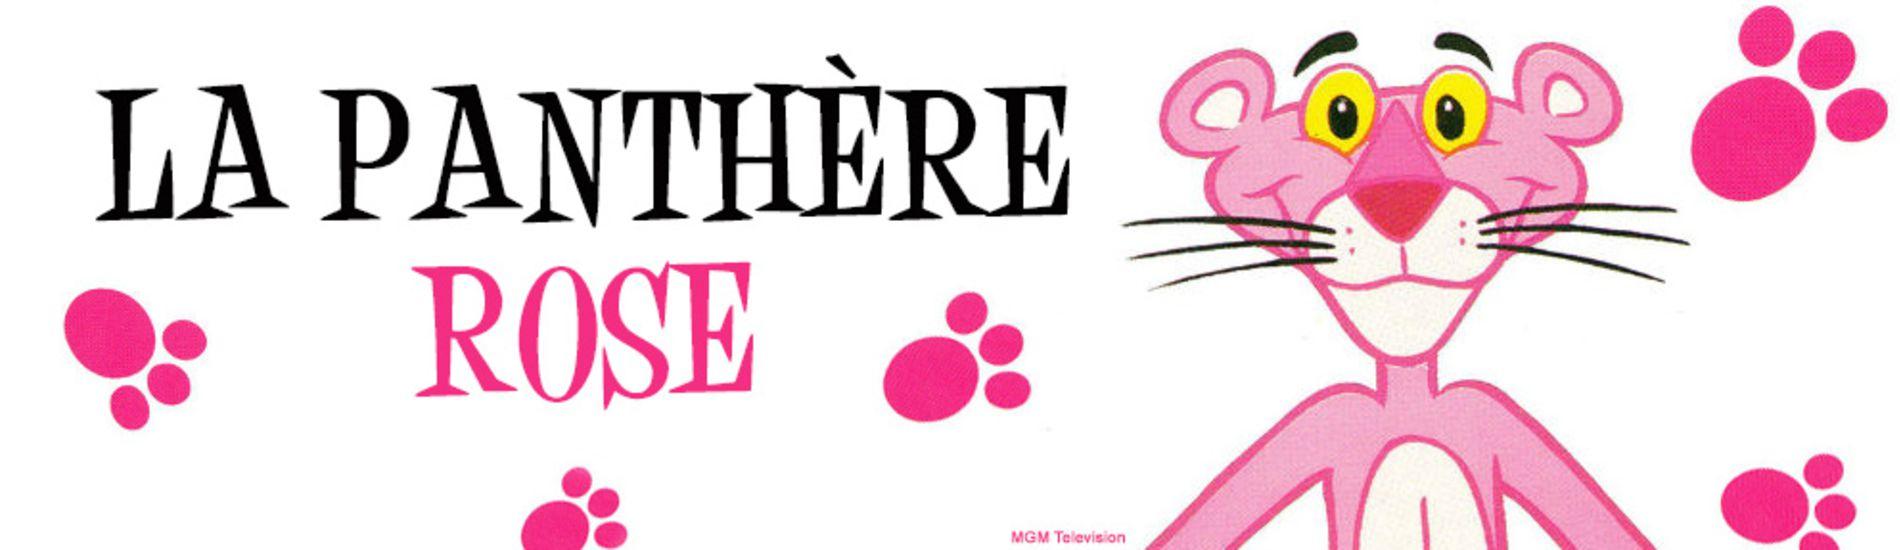 la panthere rose en français